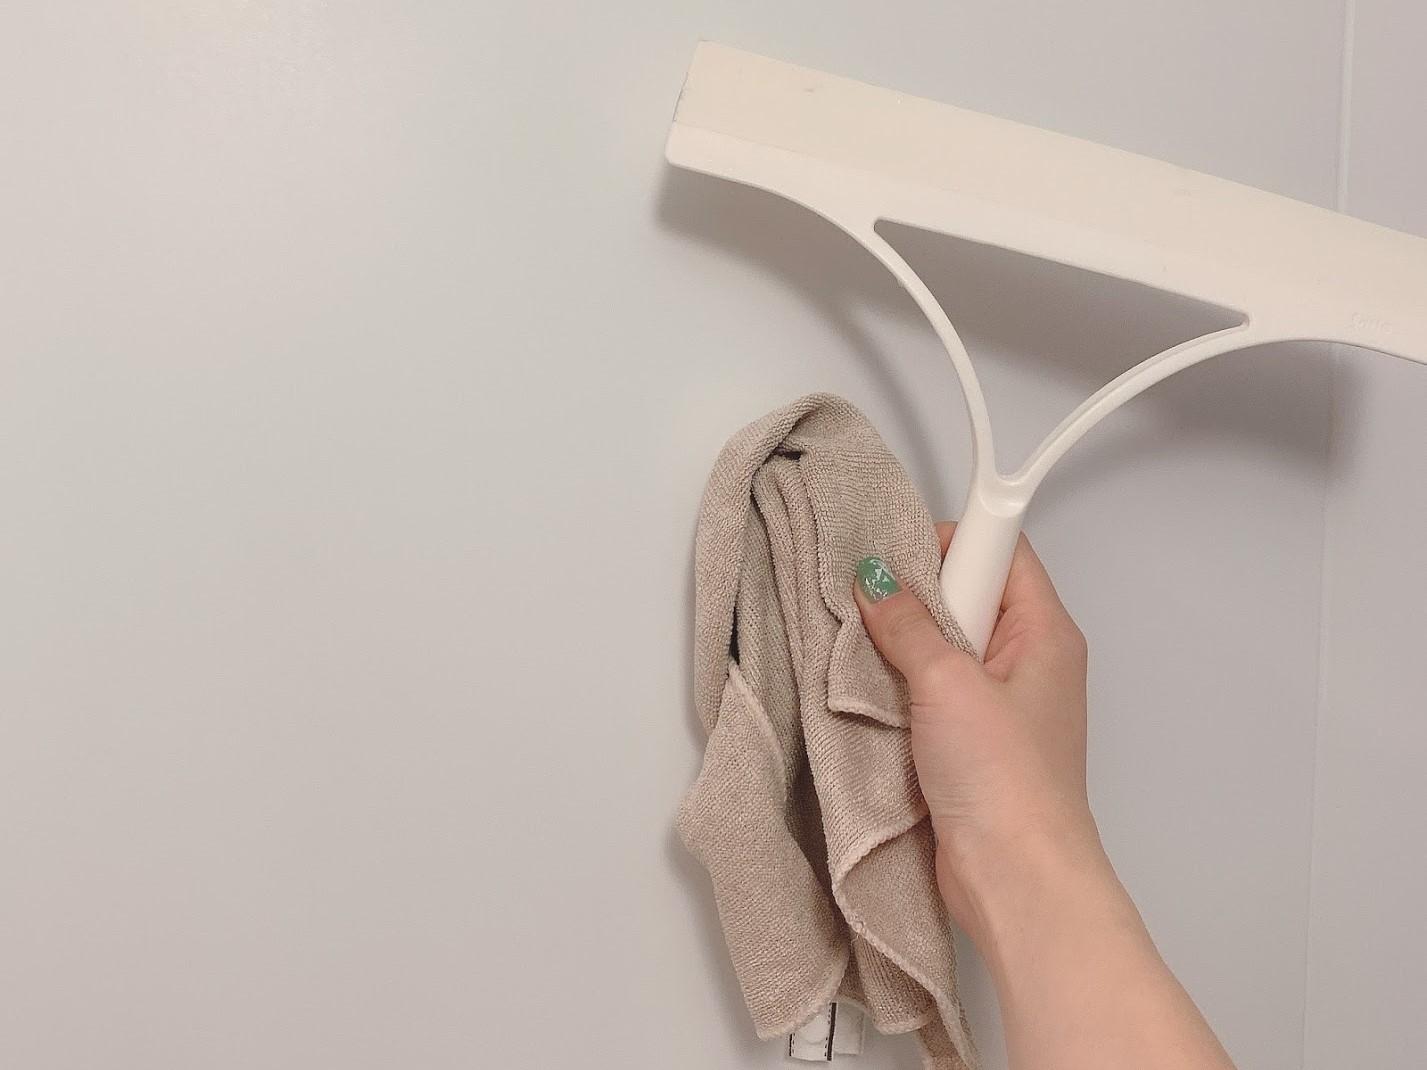 タオルはマイクロファイバータオルを使うのがおすすめ◎